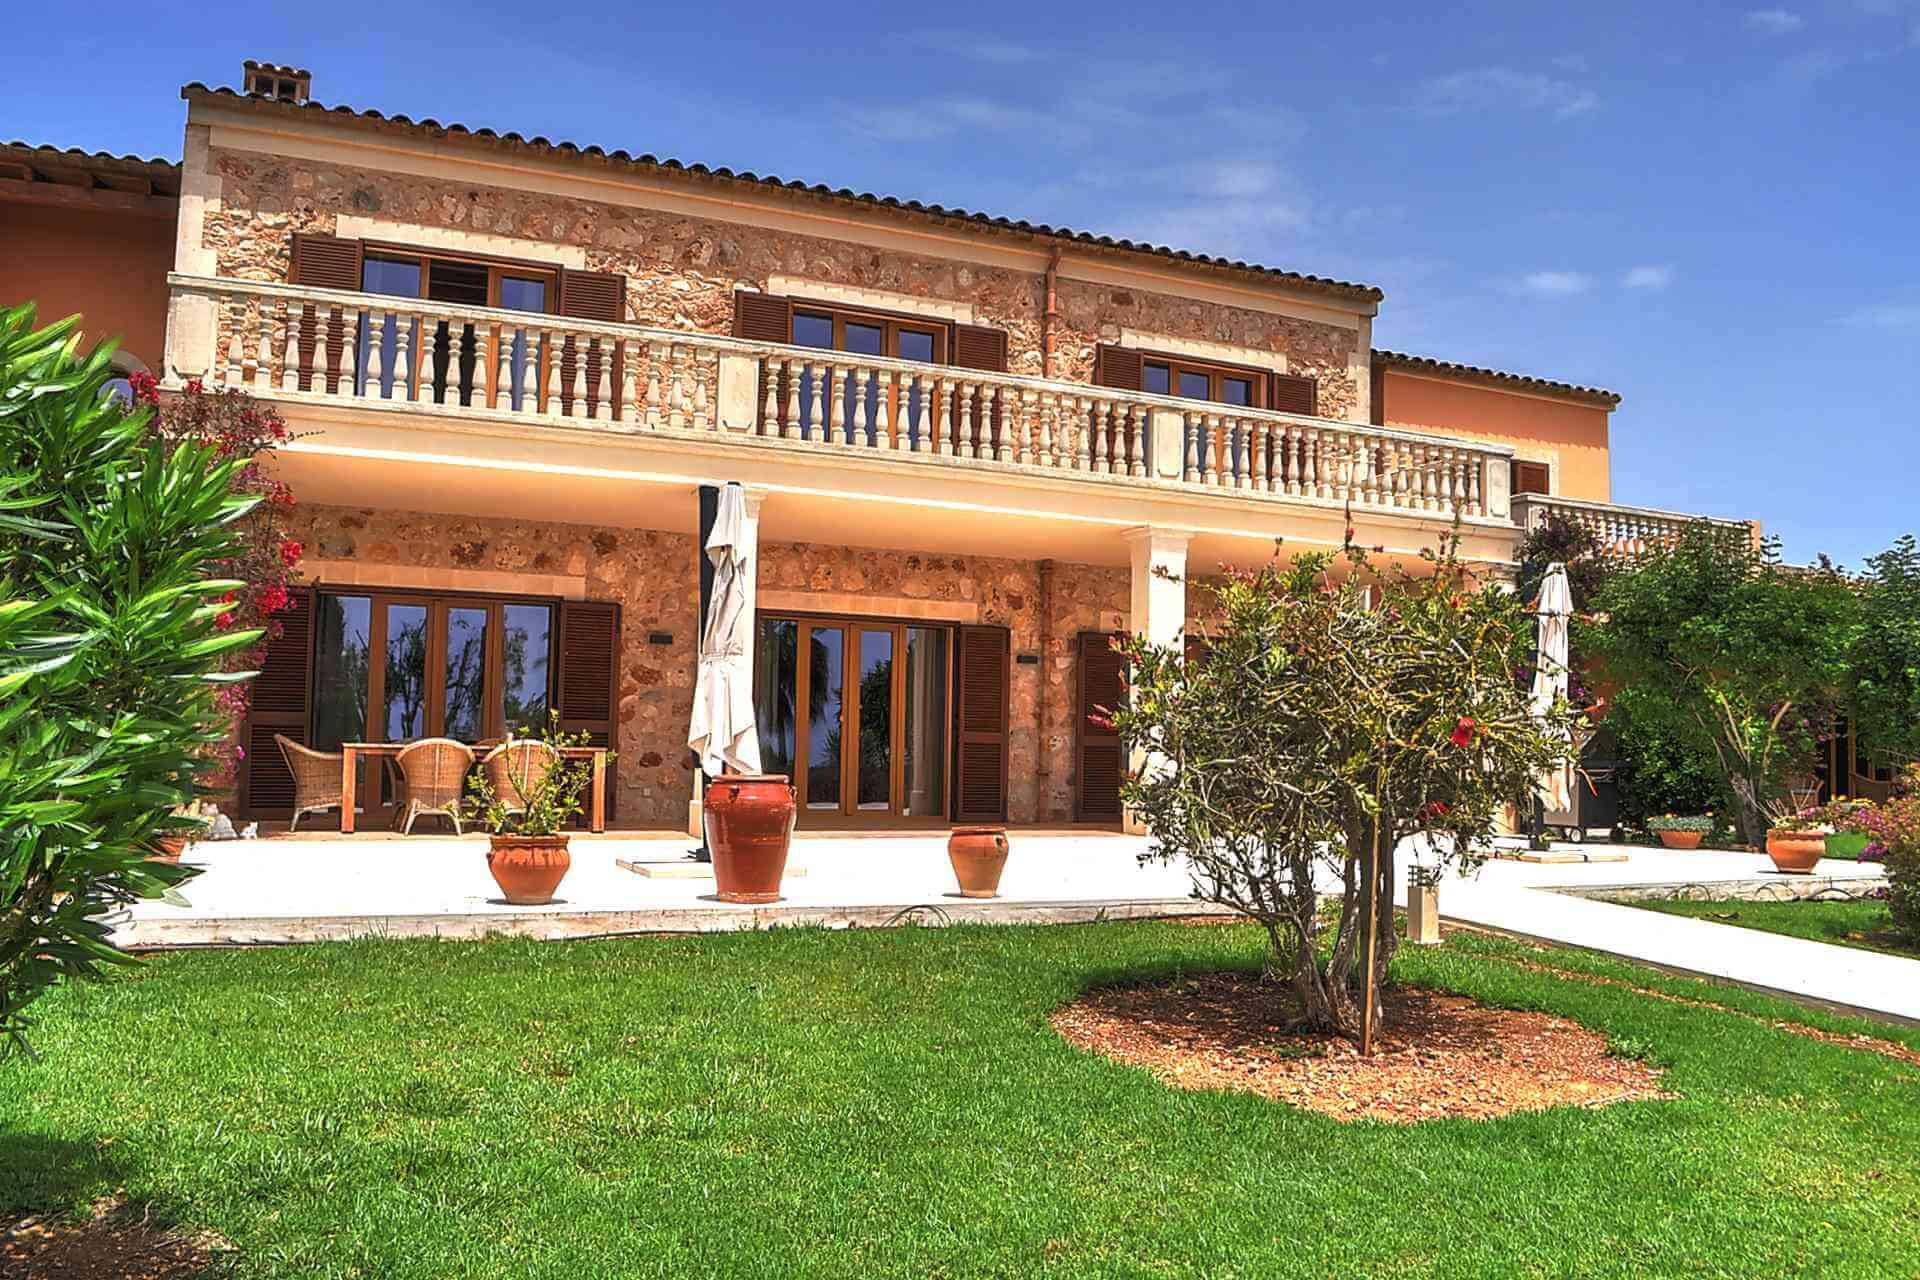 01-319 riesige luxus Finca Mallorca Osten Bild 4